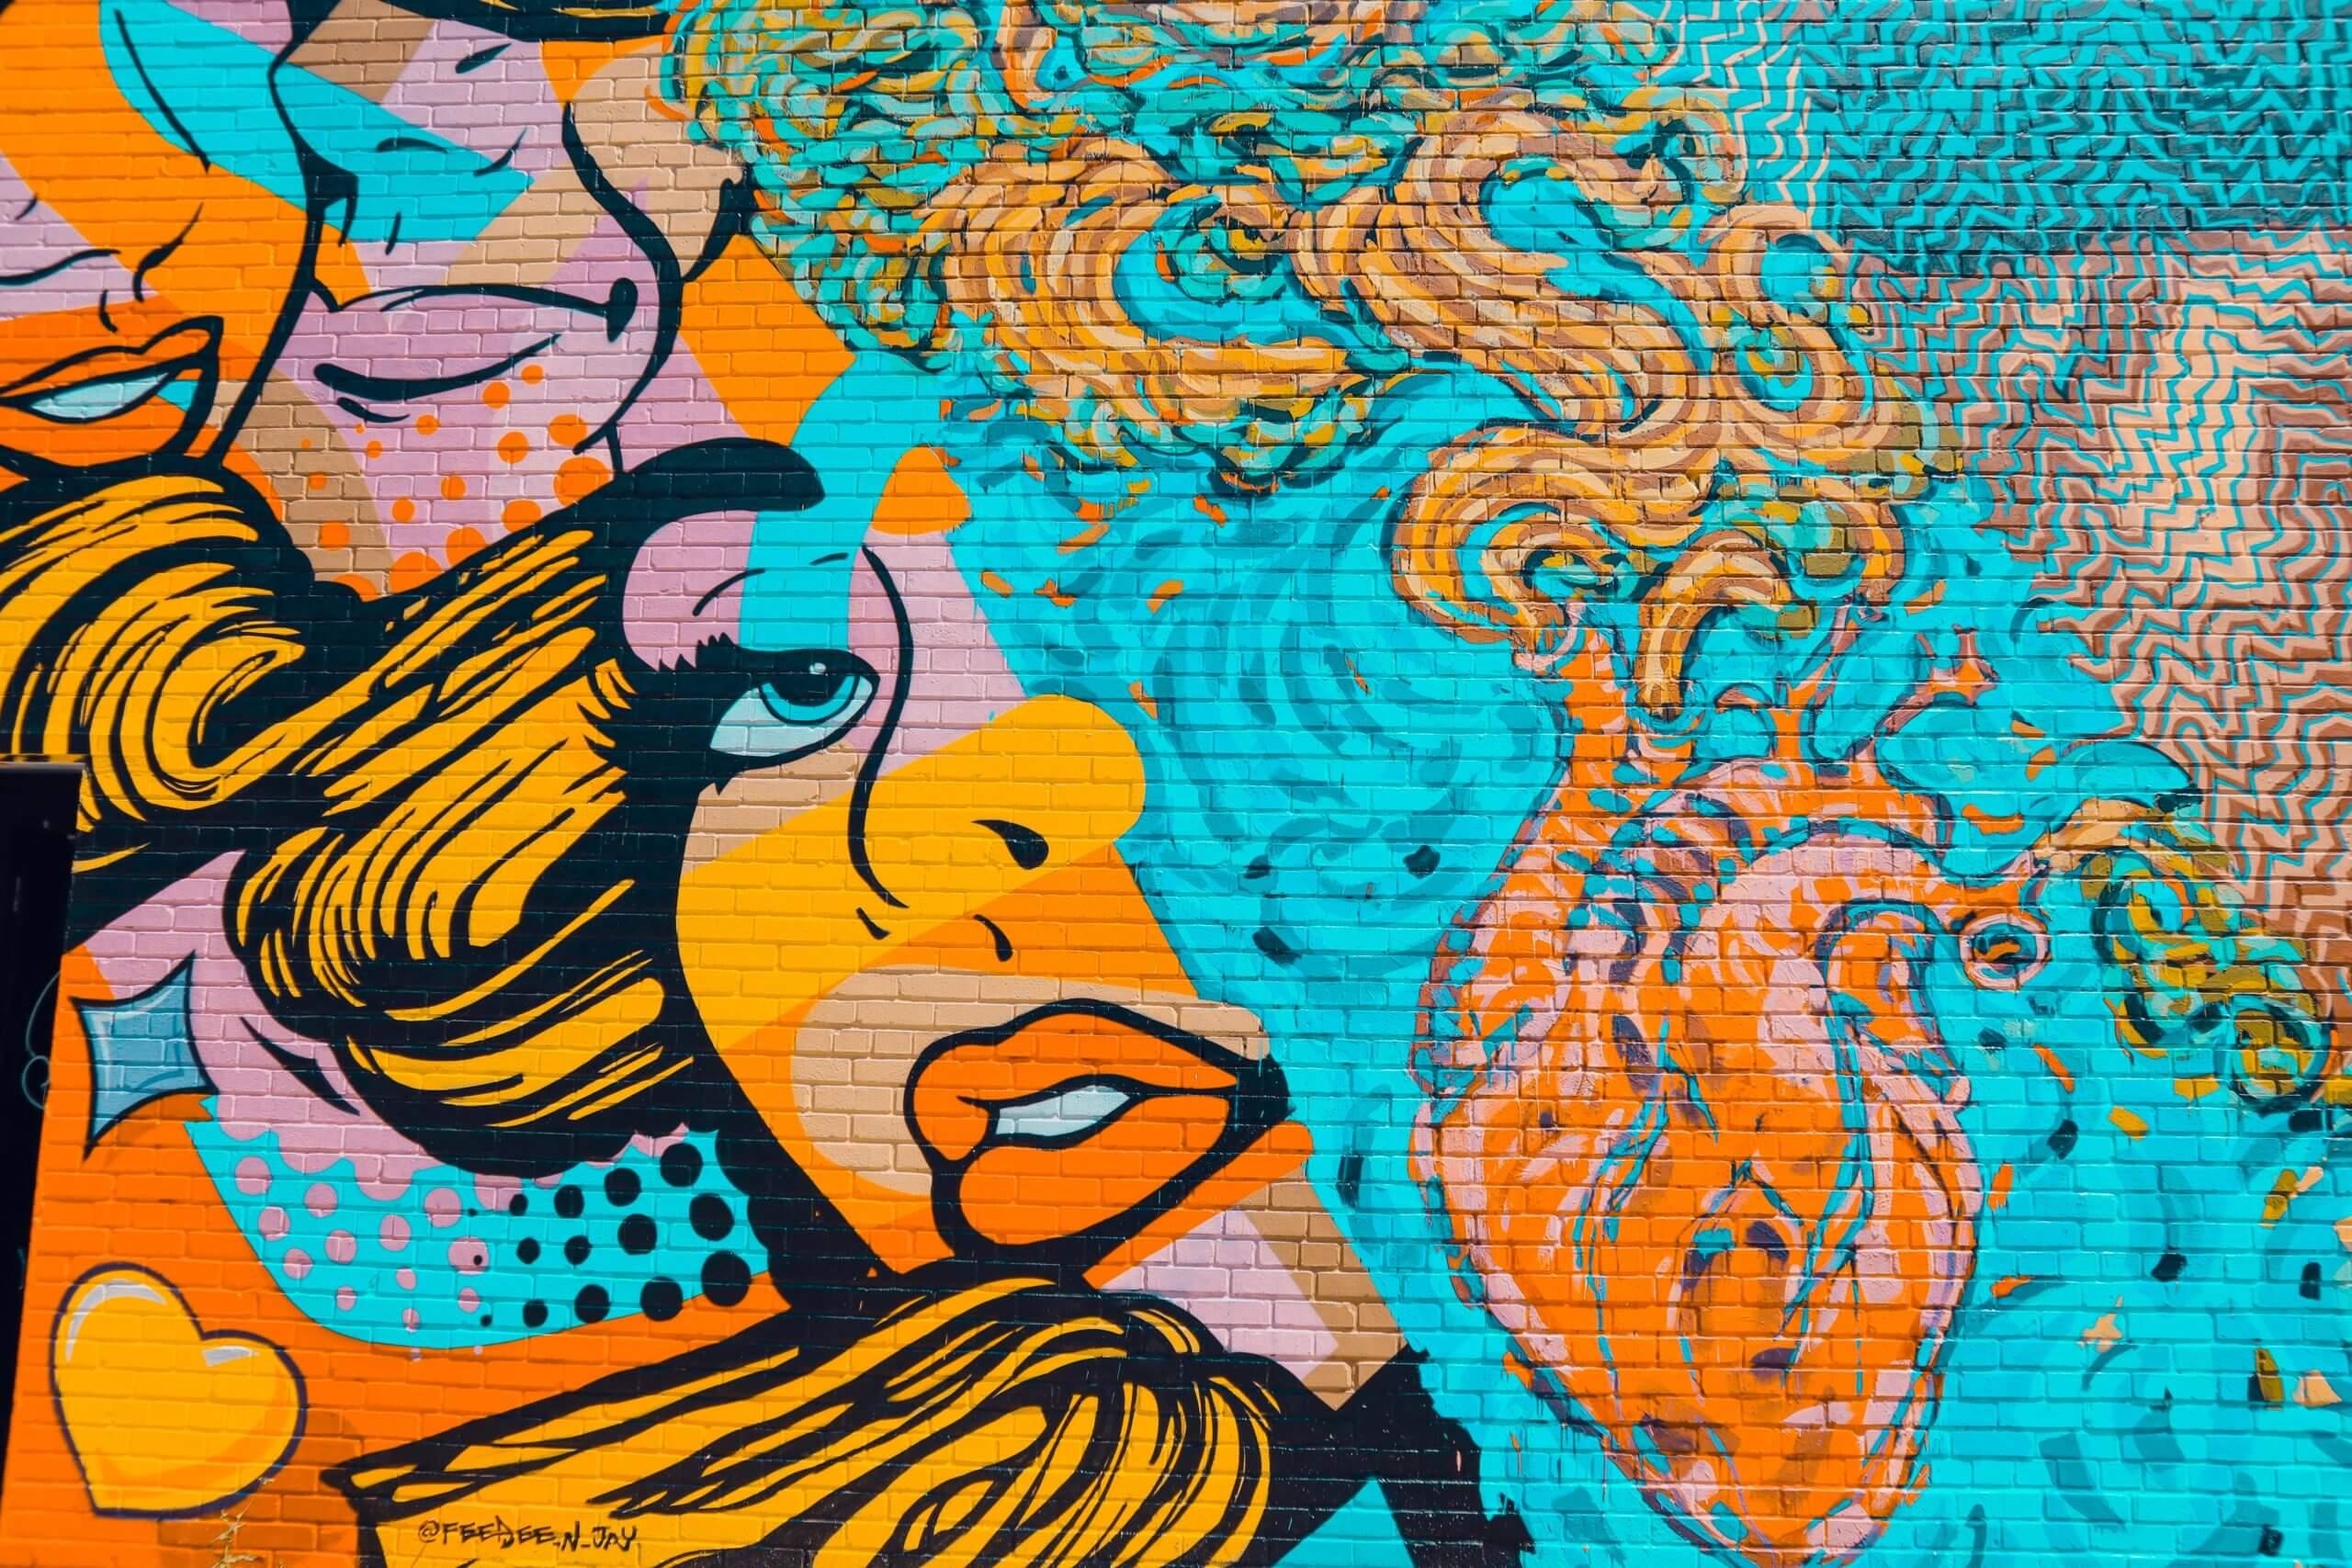 Digital Pop Art | Canvamade |